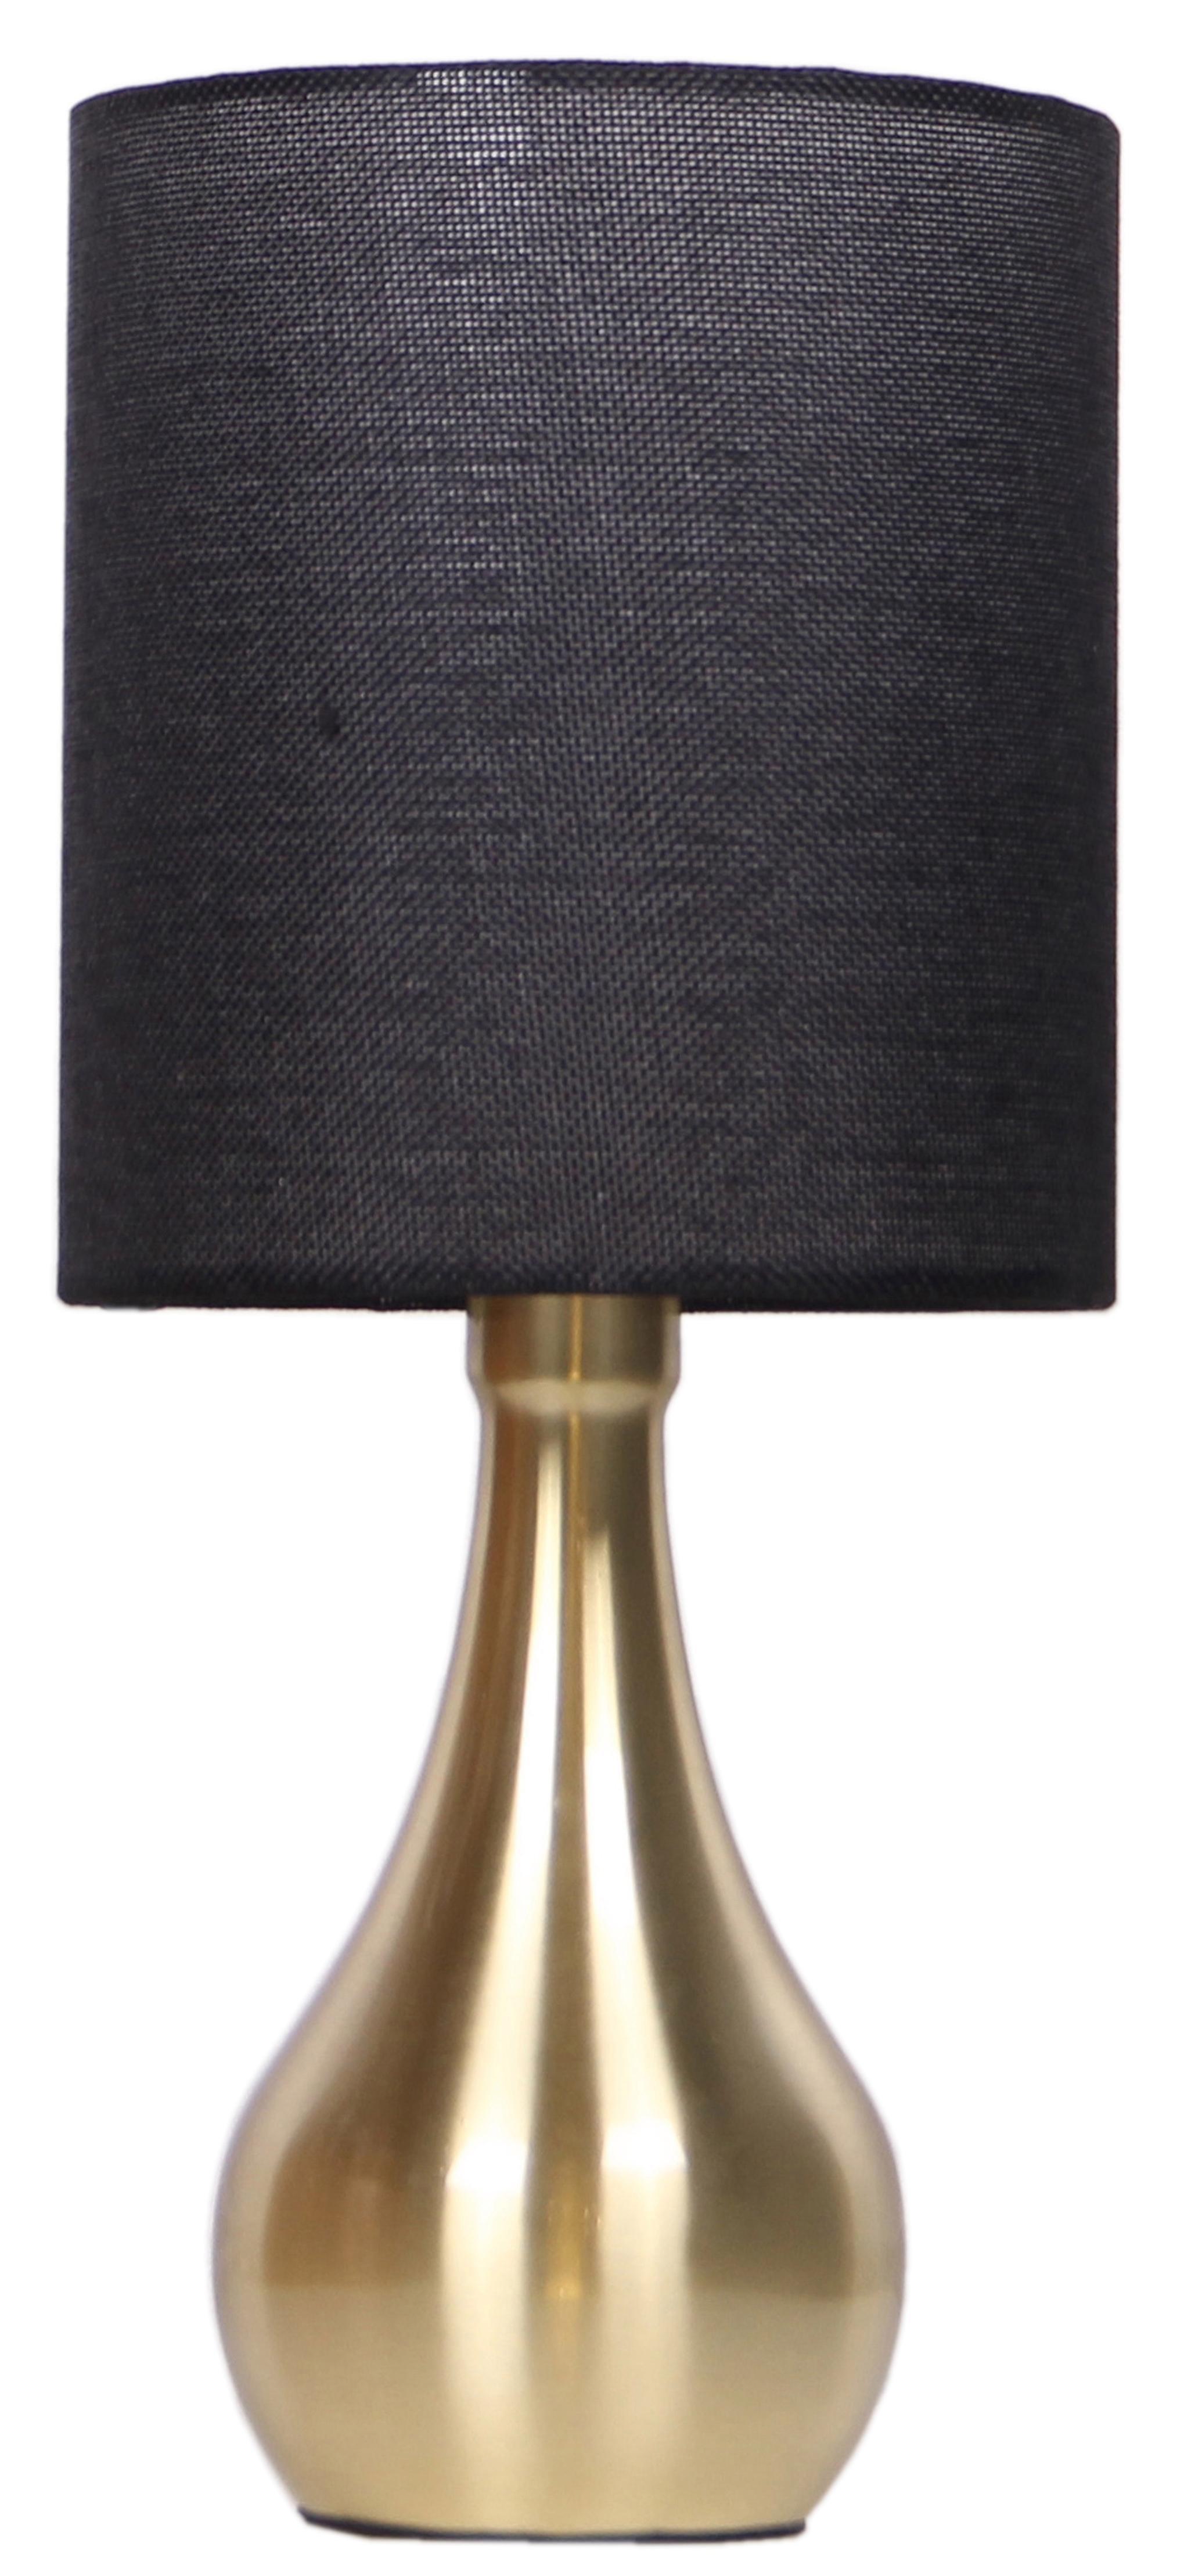 Home affaire tafellamp »METAL BODY«, online kopen op otto.nl